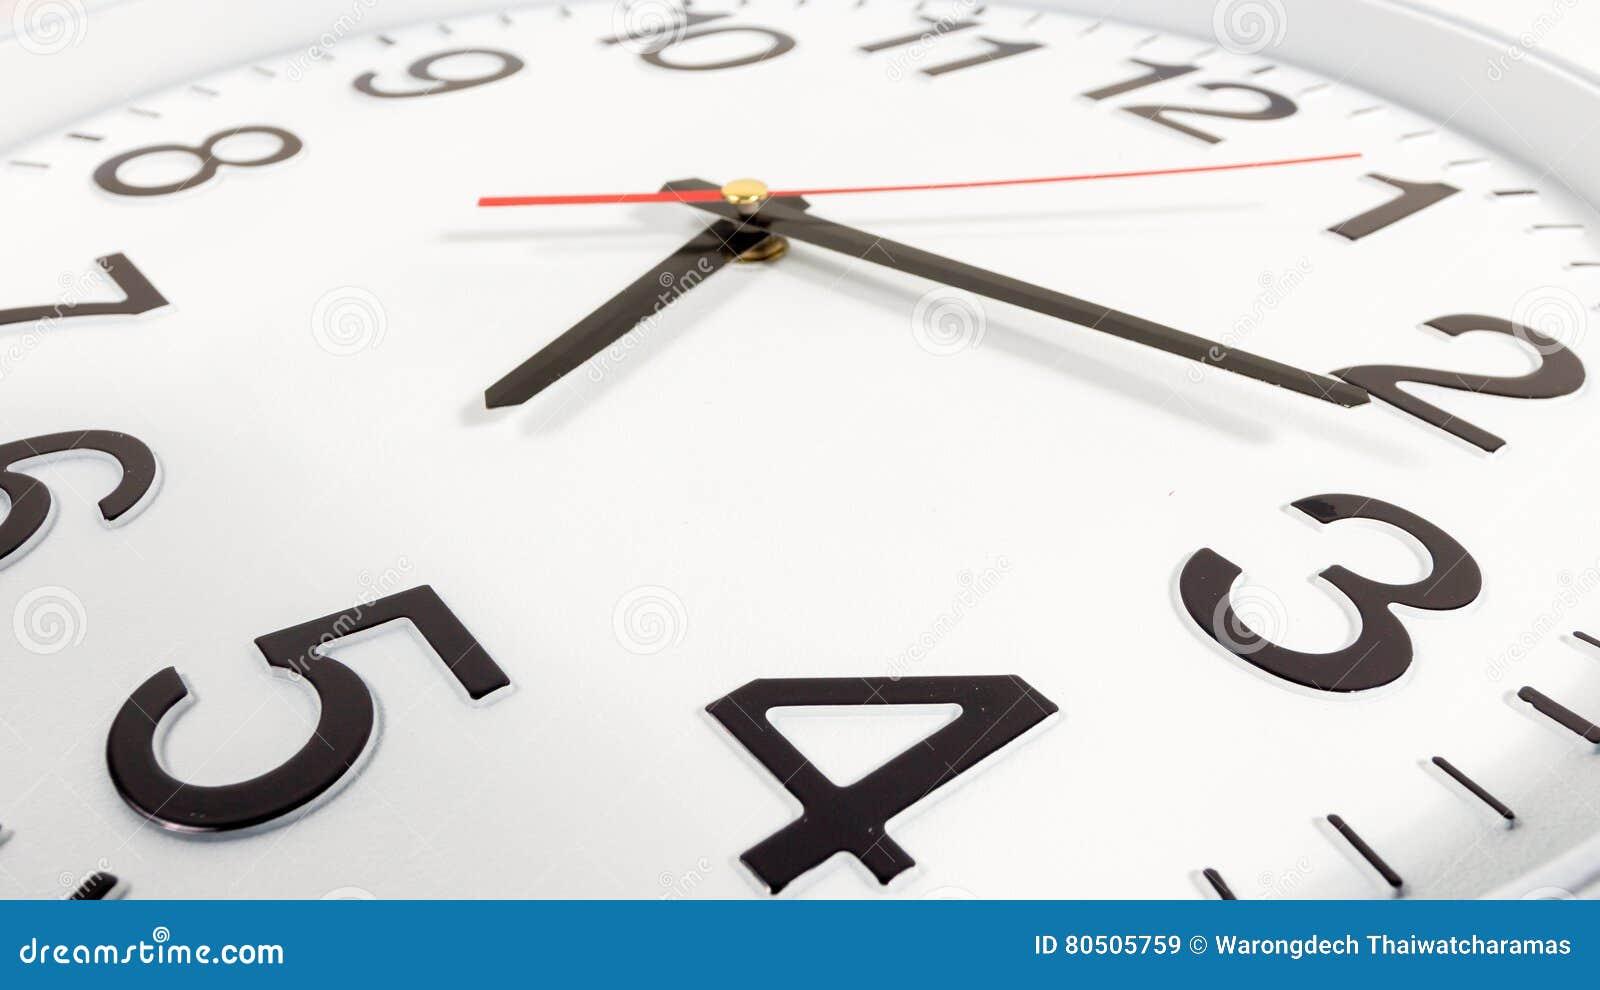 O Tiempo Con Blac Del Blanco Fondo Y Rojo Reloj Abstracto PZXn80NwOk